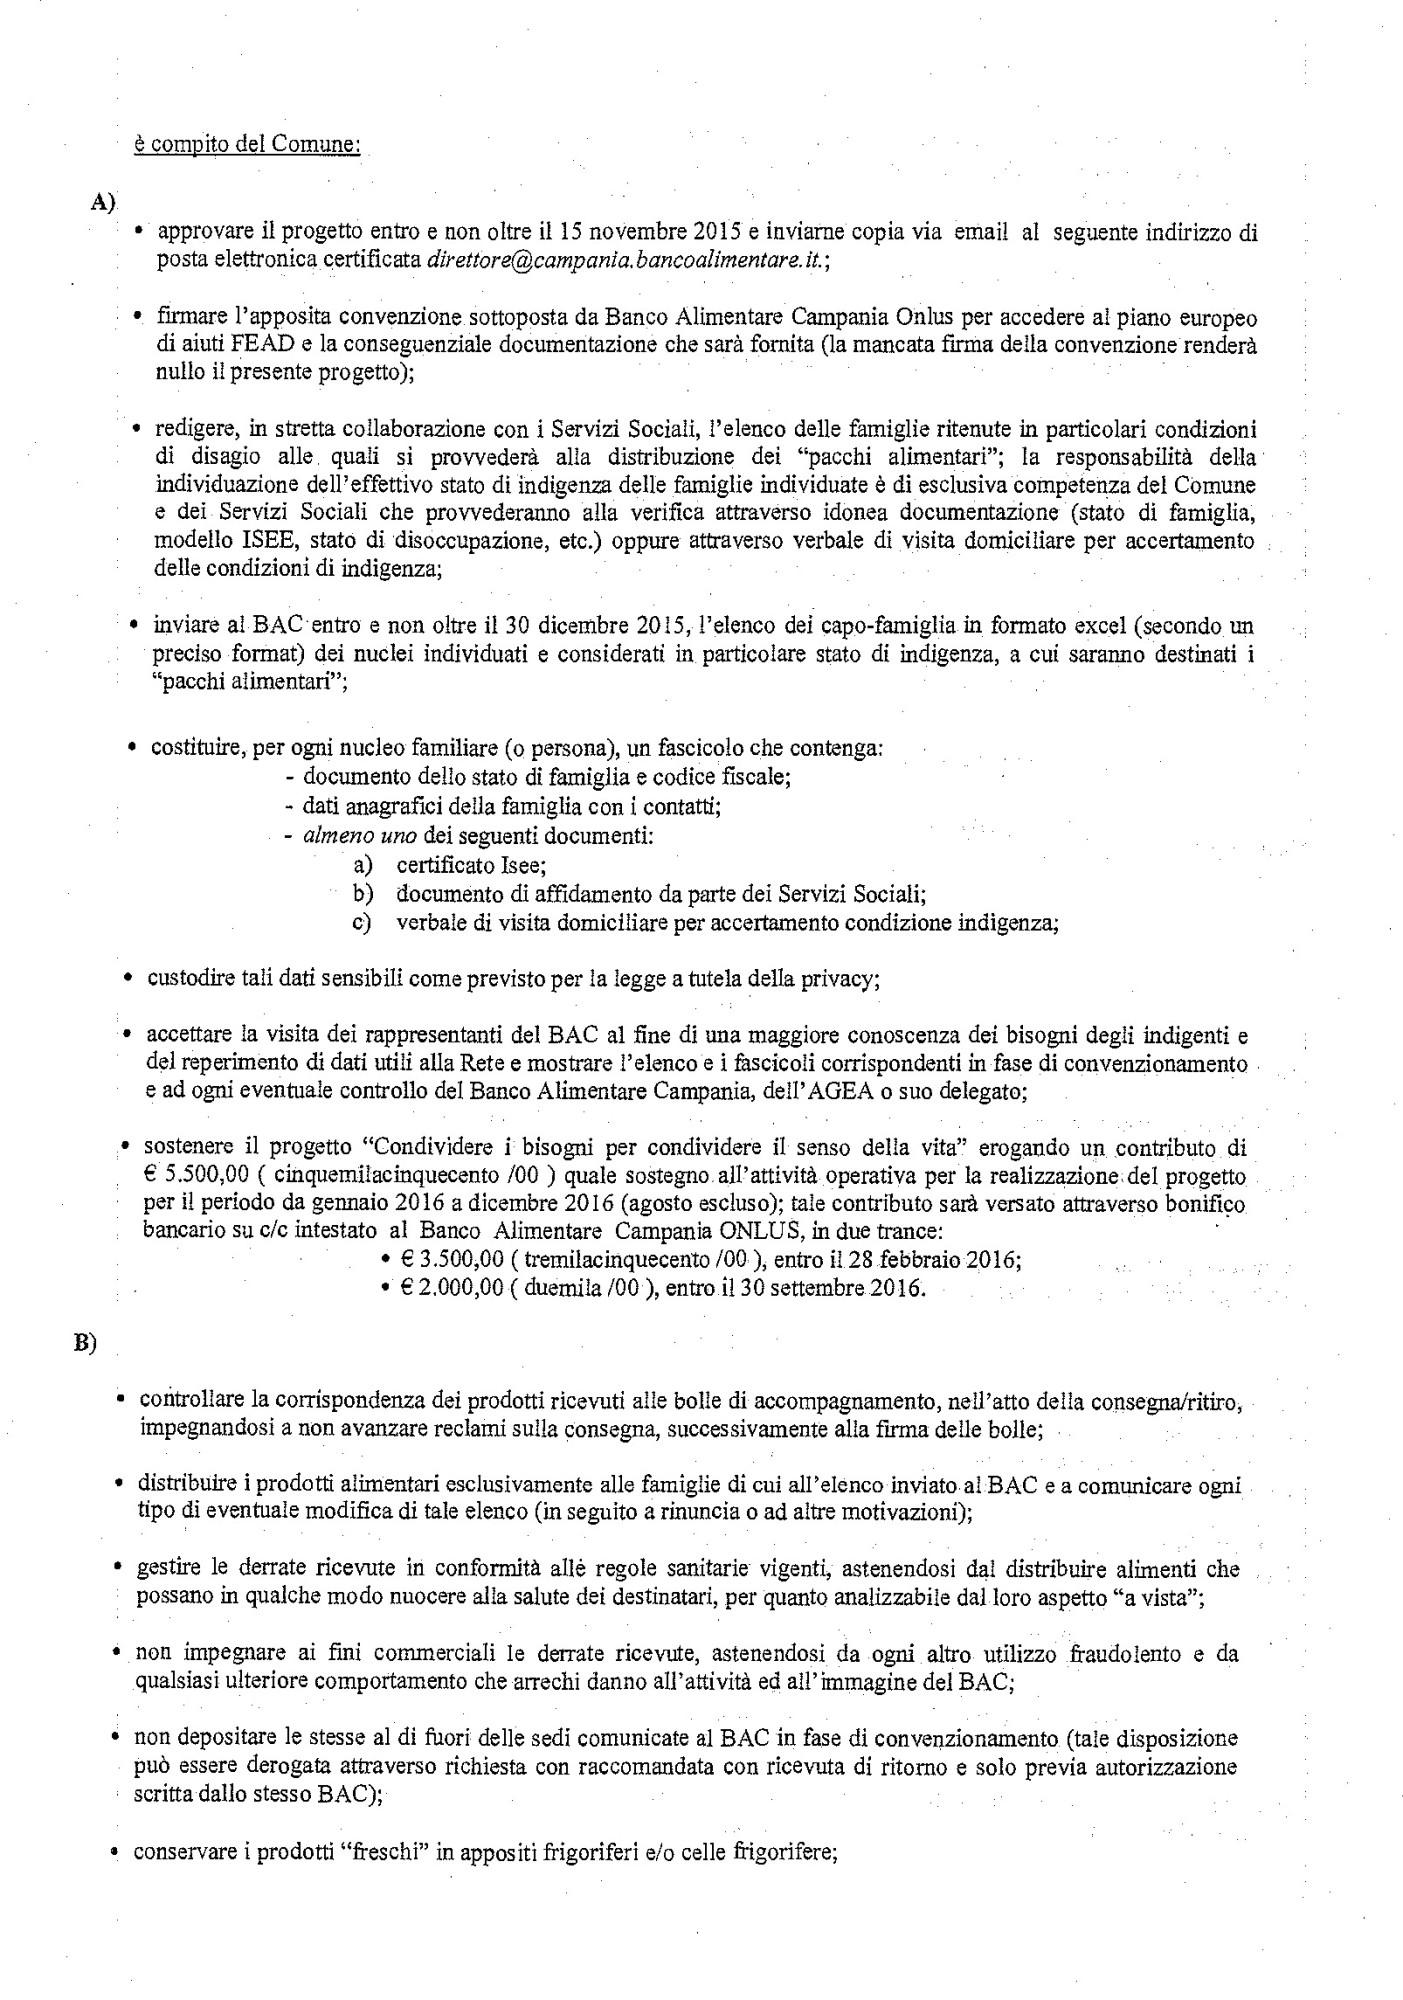 112_App._del_progetto_banco_alimentare_campania_pe_Pagina_5_Immagine_0001